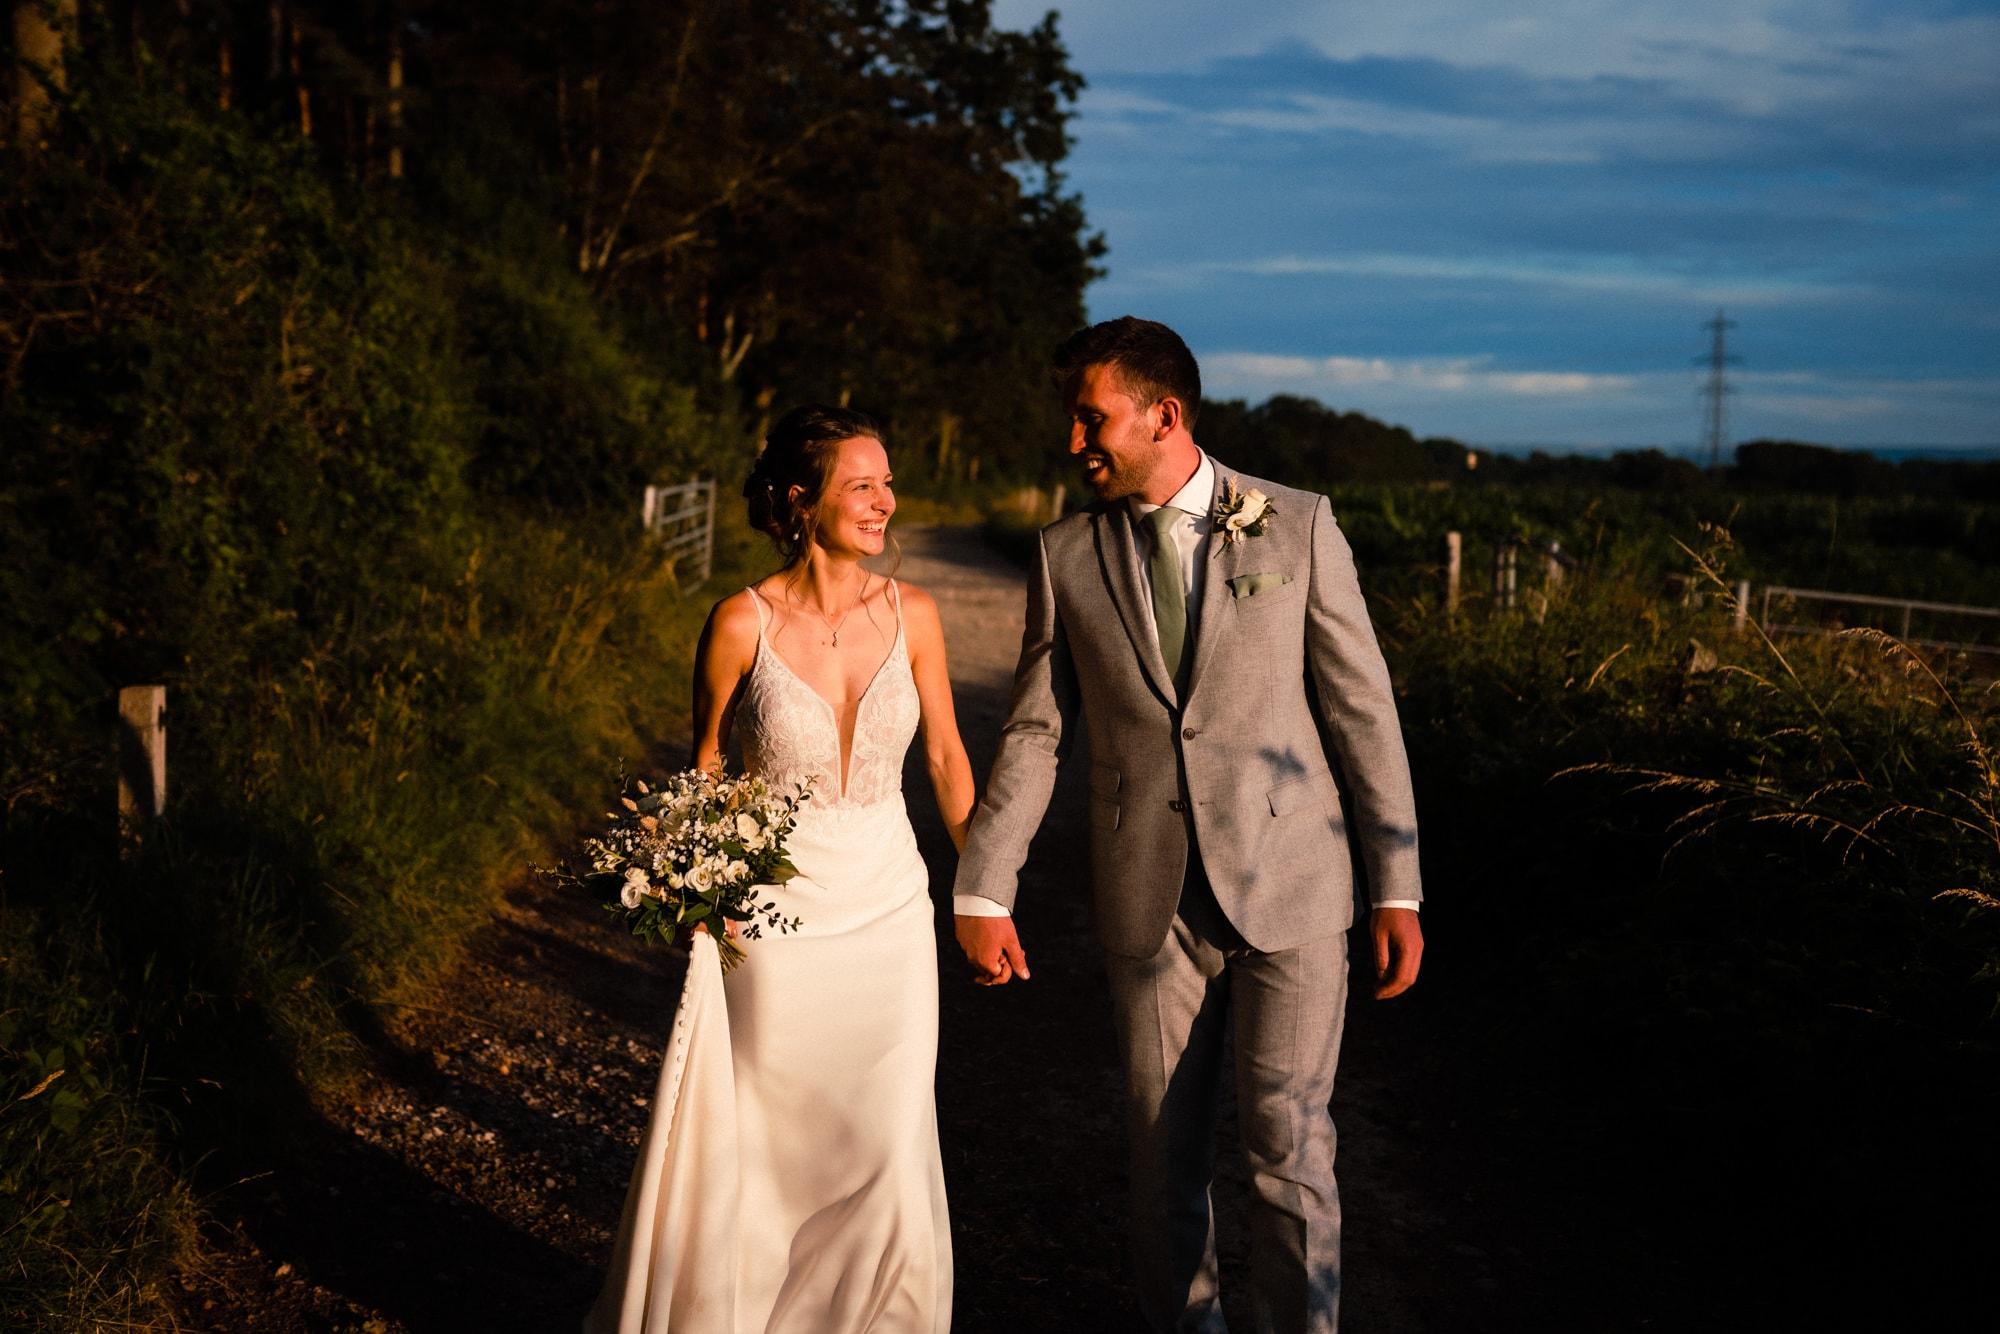 dorset wedding photography sunset